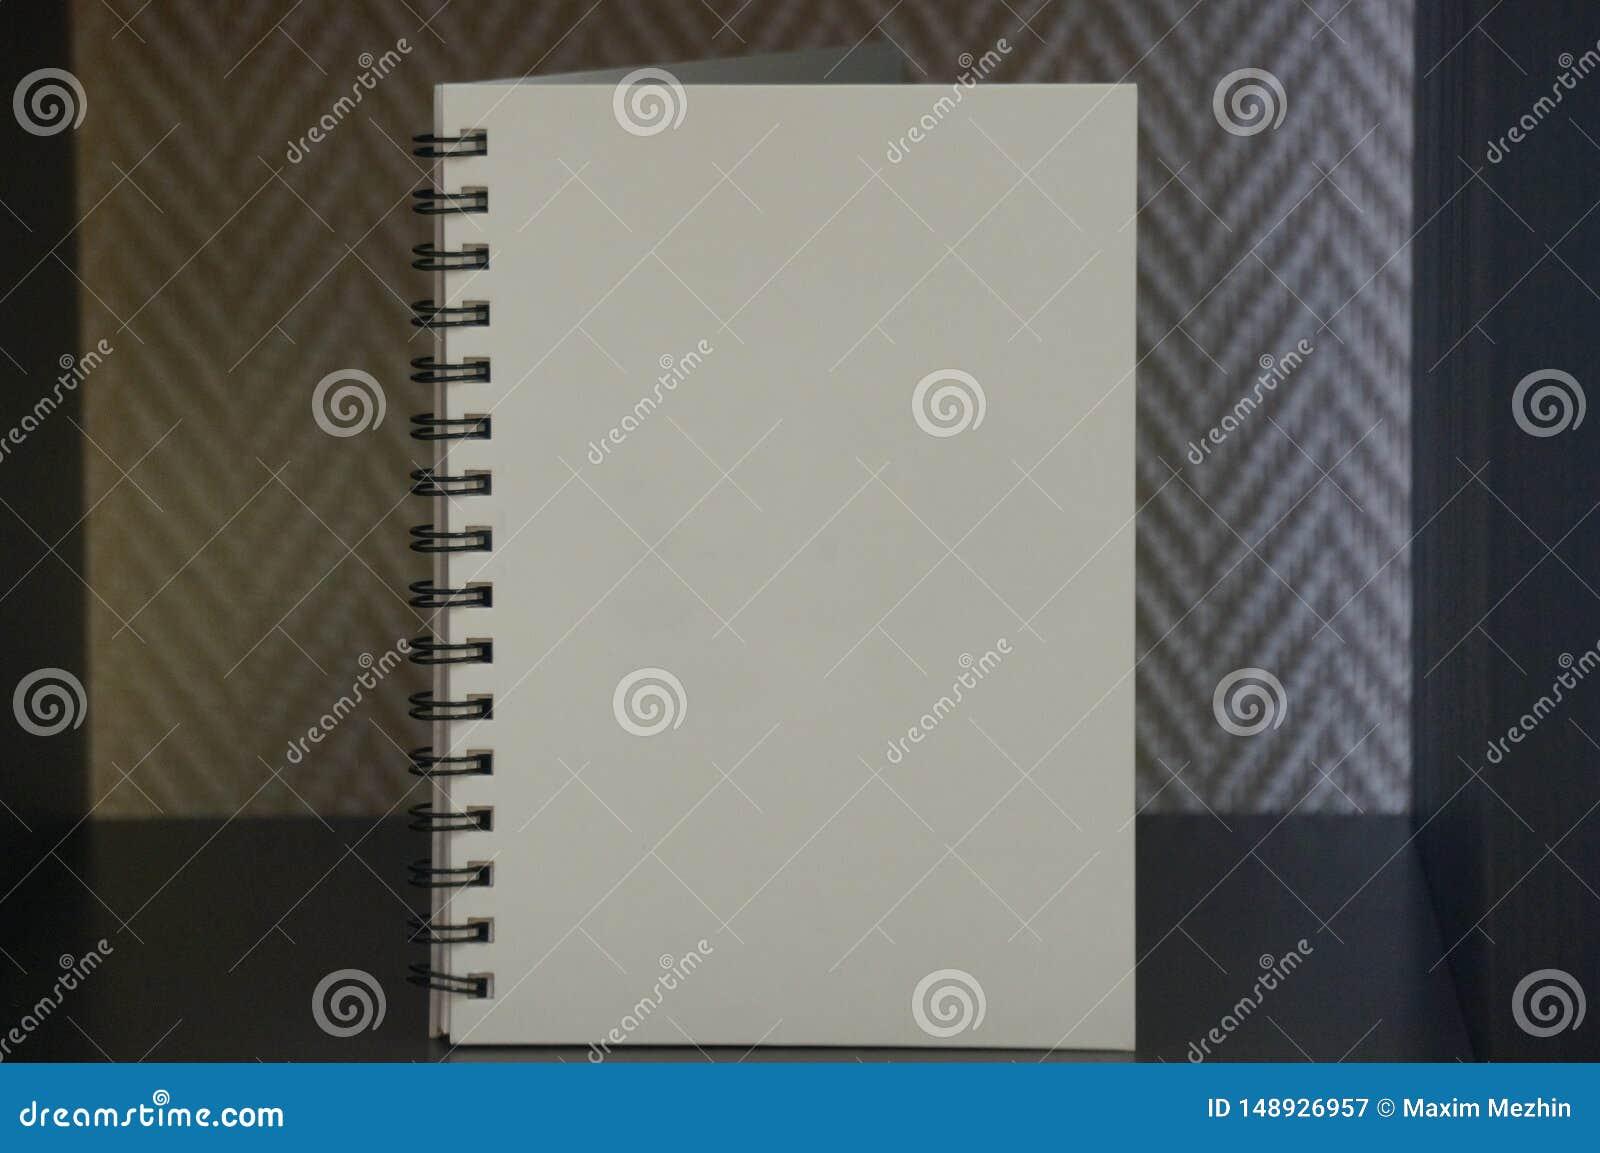 Άσπρο ημερολόγιο στο μαύρο πίνακα